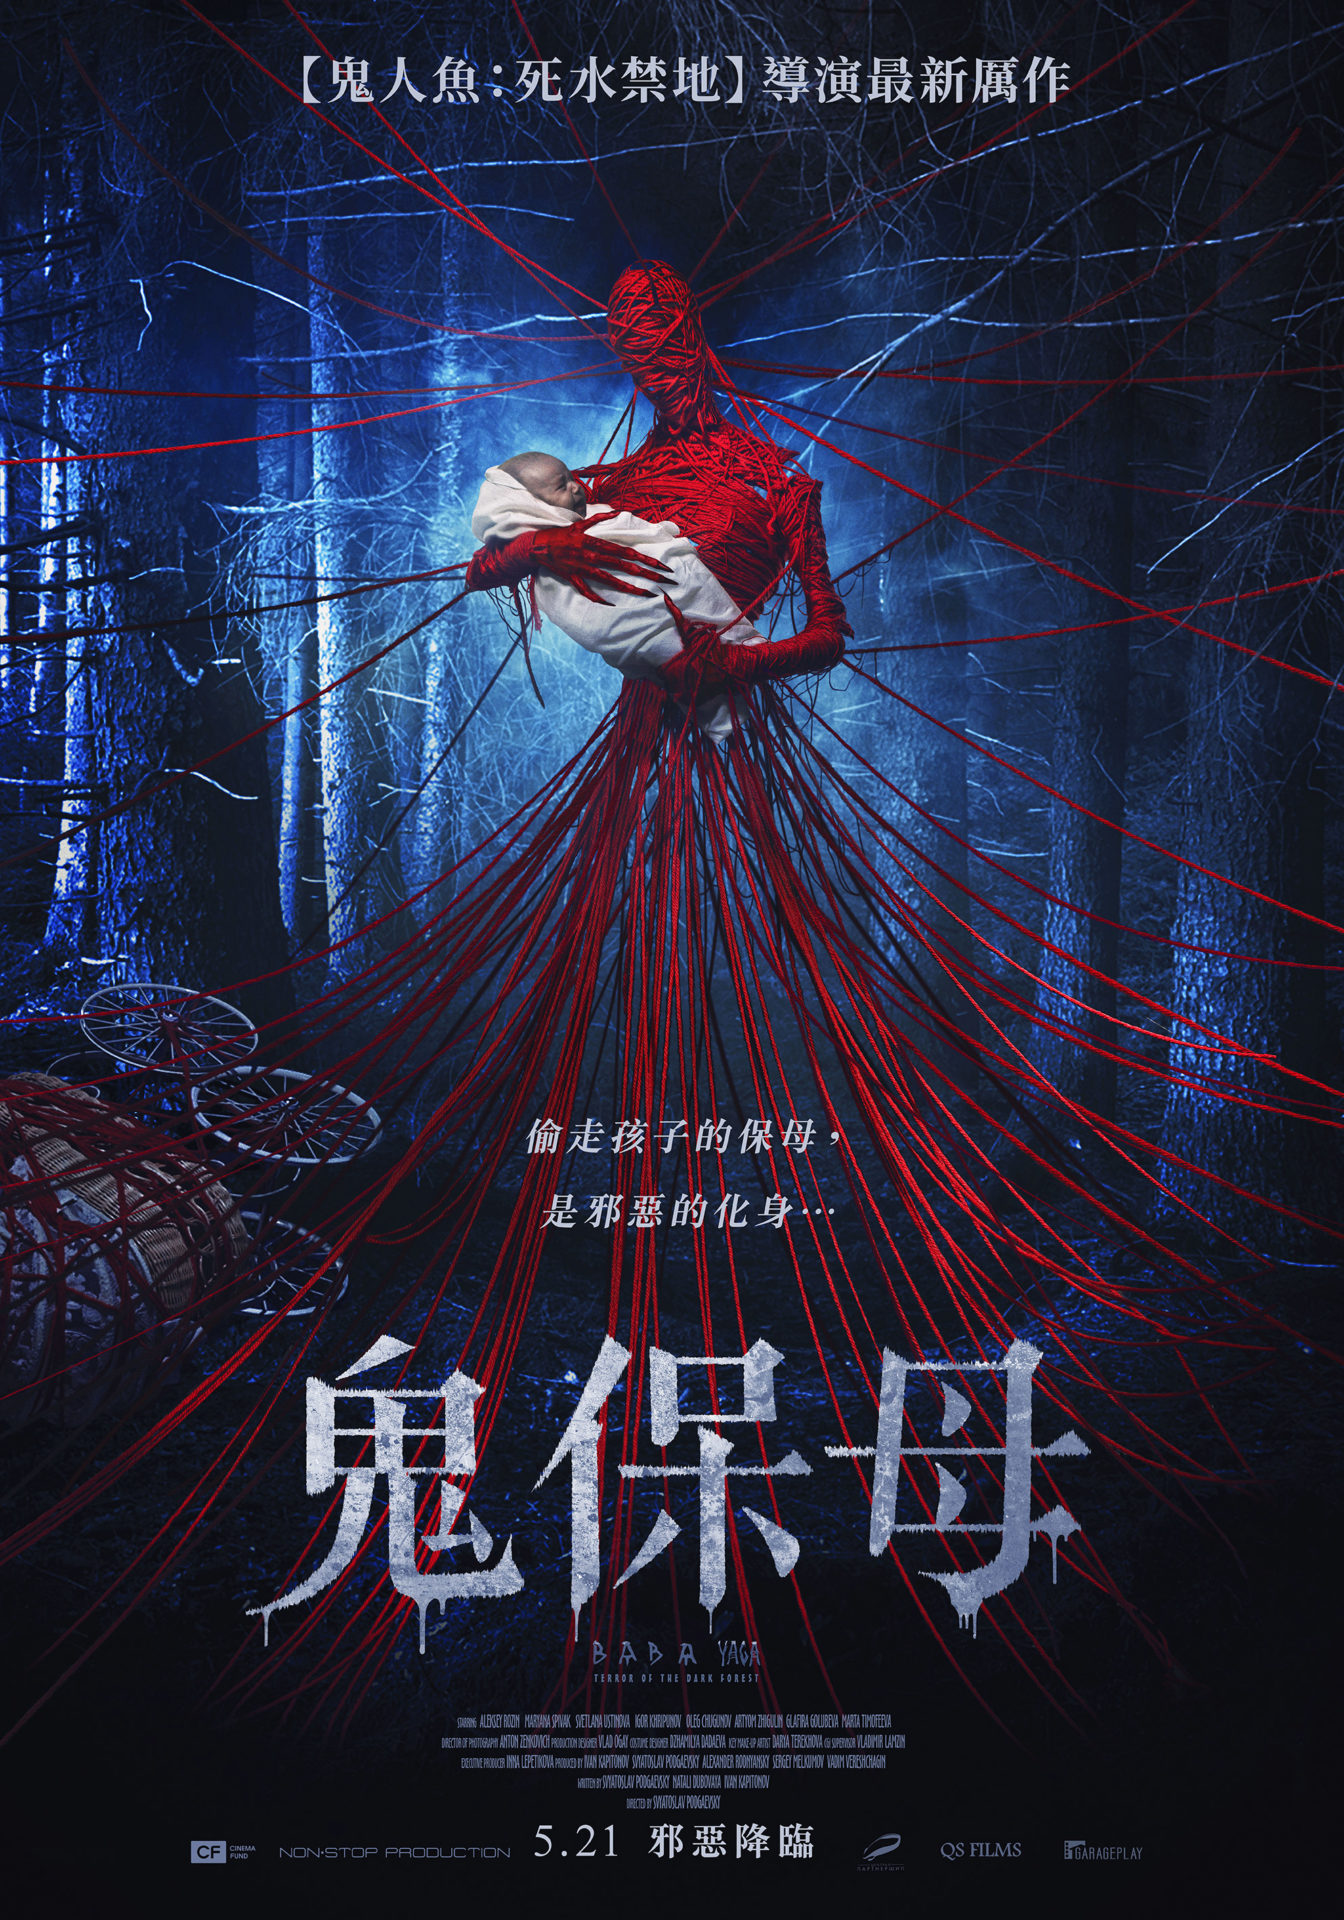 《鬼保母》恐怖電影反派原型「芭芭雅嘎」登上大銀幕 將「家長們」最恐怖經驗一一重現